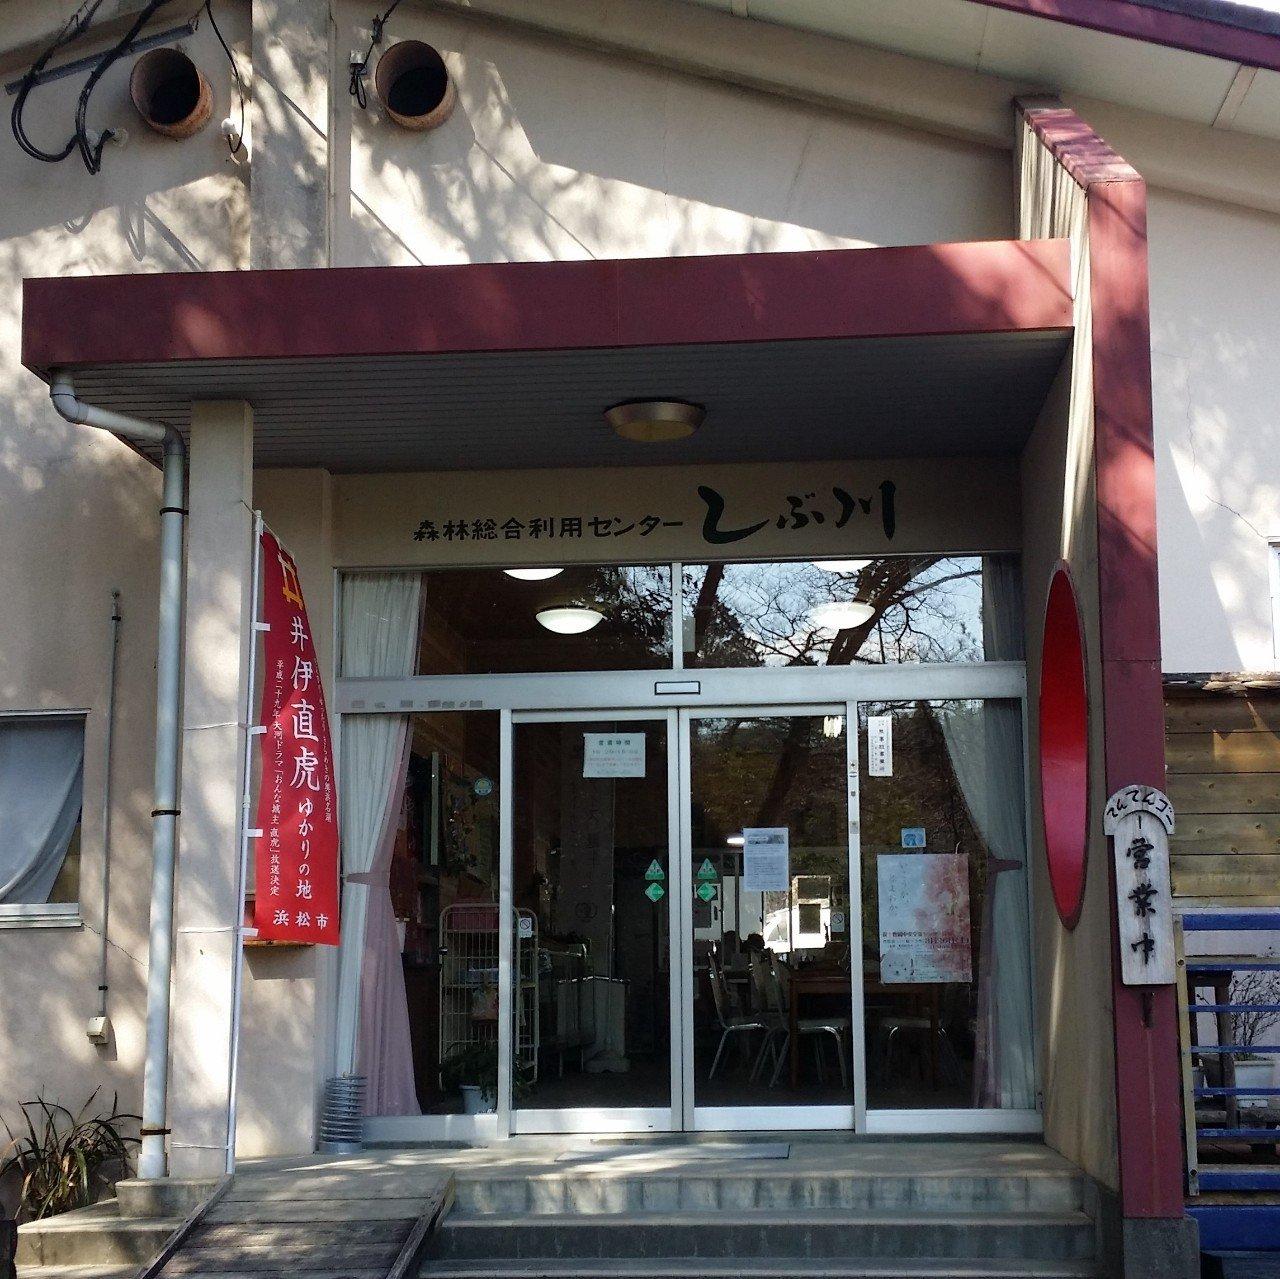 てんてんゴーしぶ川/✿日本の真ん中!交通アクセス抜群の自然豊かな森のキャンプ場♪/いなさマップ「E」のイメージその3